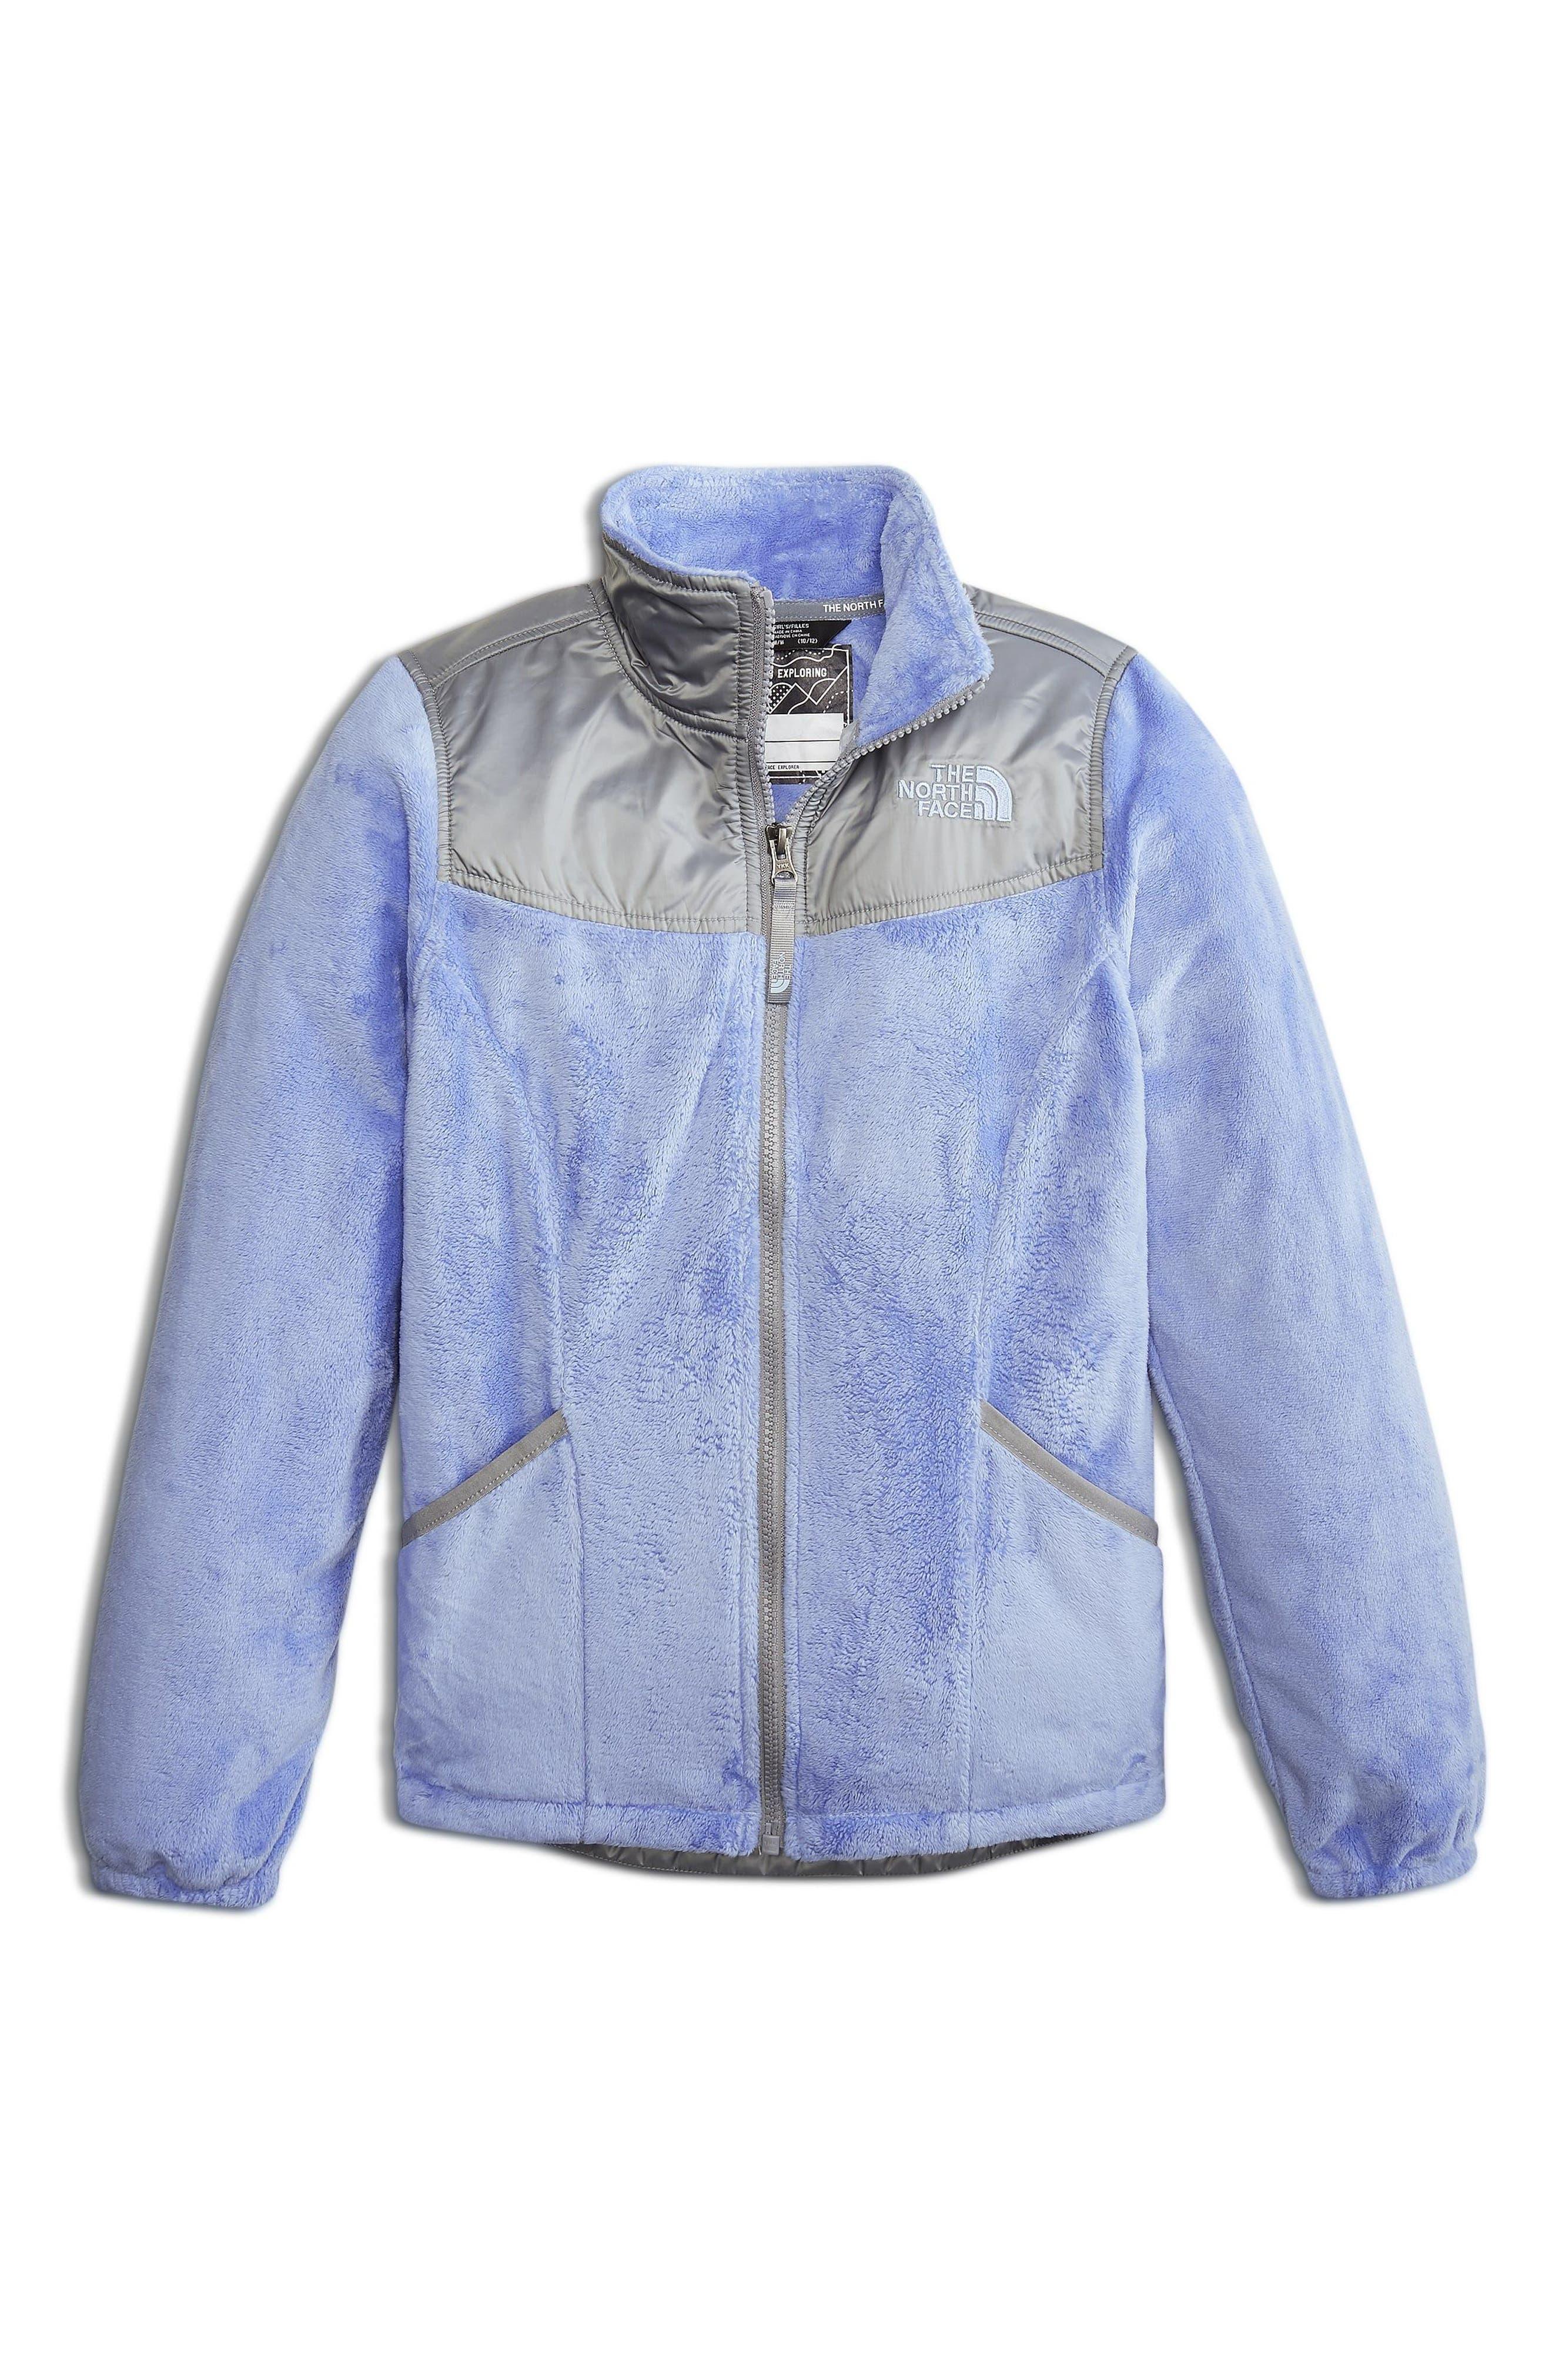 Osolita 2 Fleece Jacket,                         Main,                         color, Collar Blue